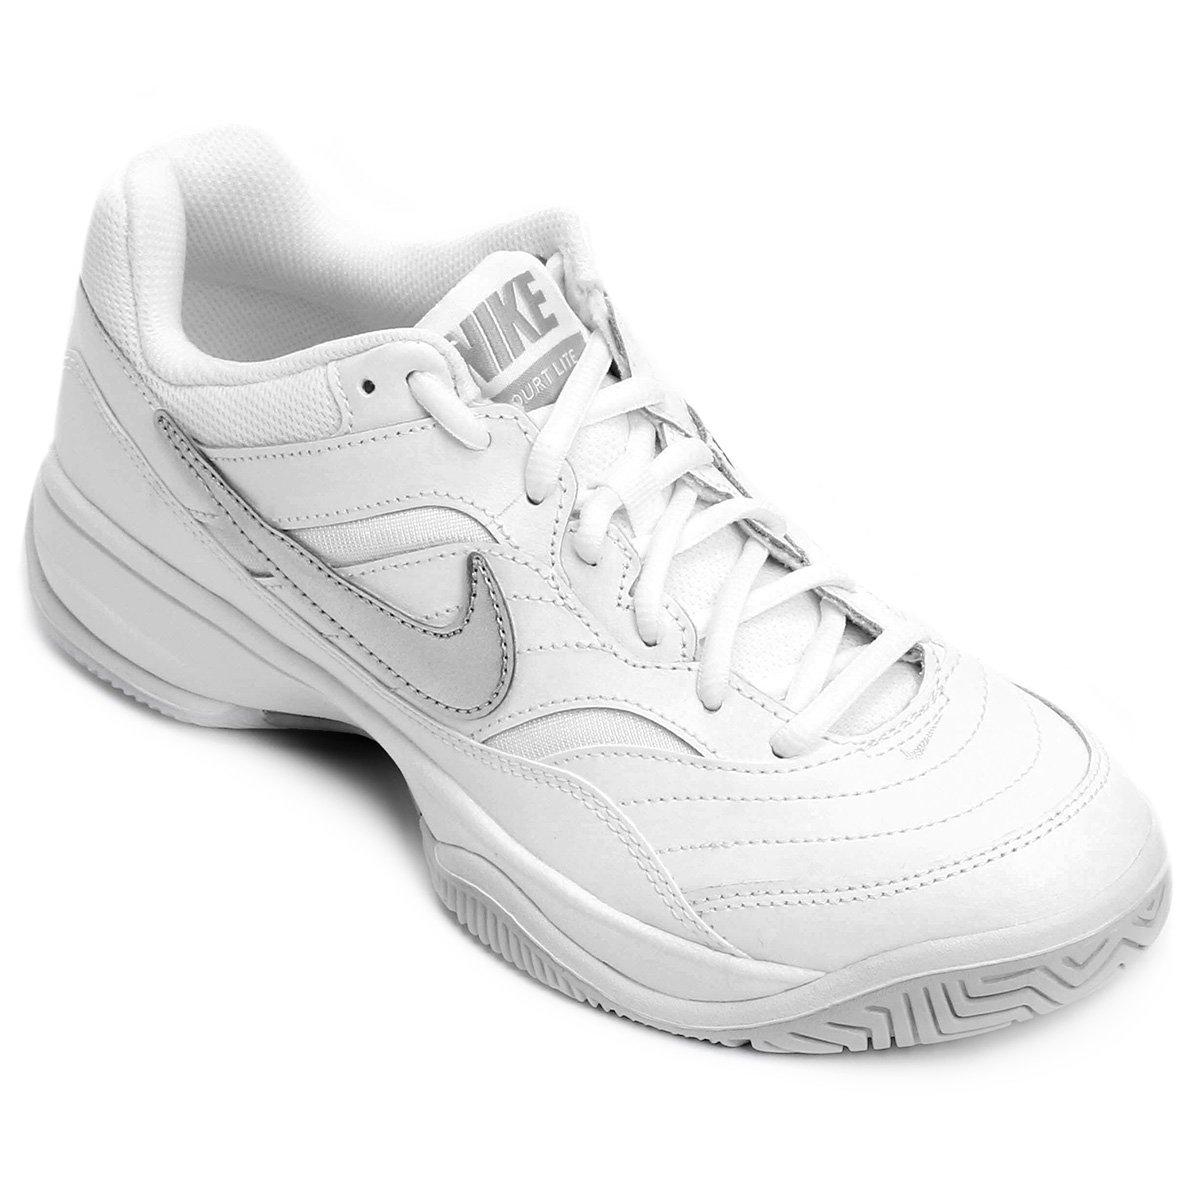 e6b3e1caca Tênis Nike Wmns Nike Court Lite Feminino - Branco e prata - Compre Agora